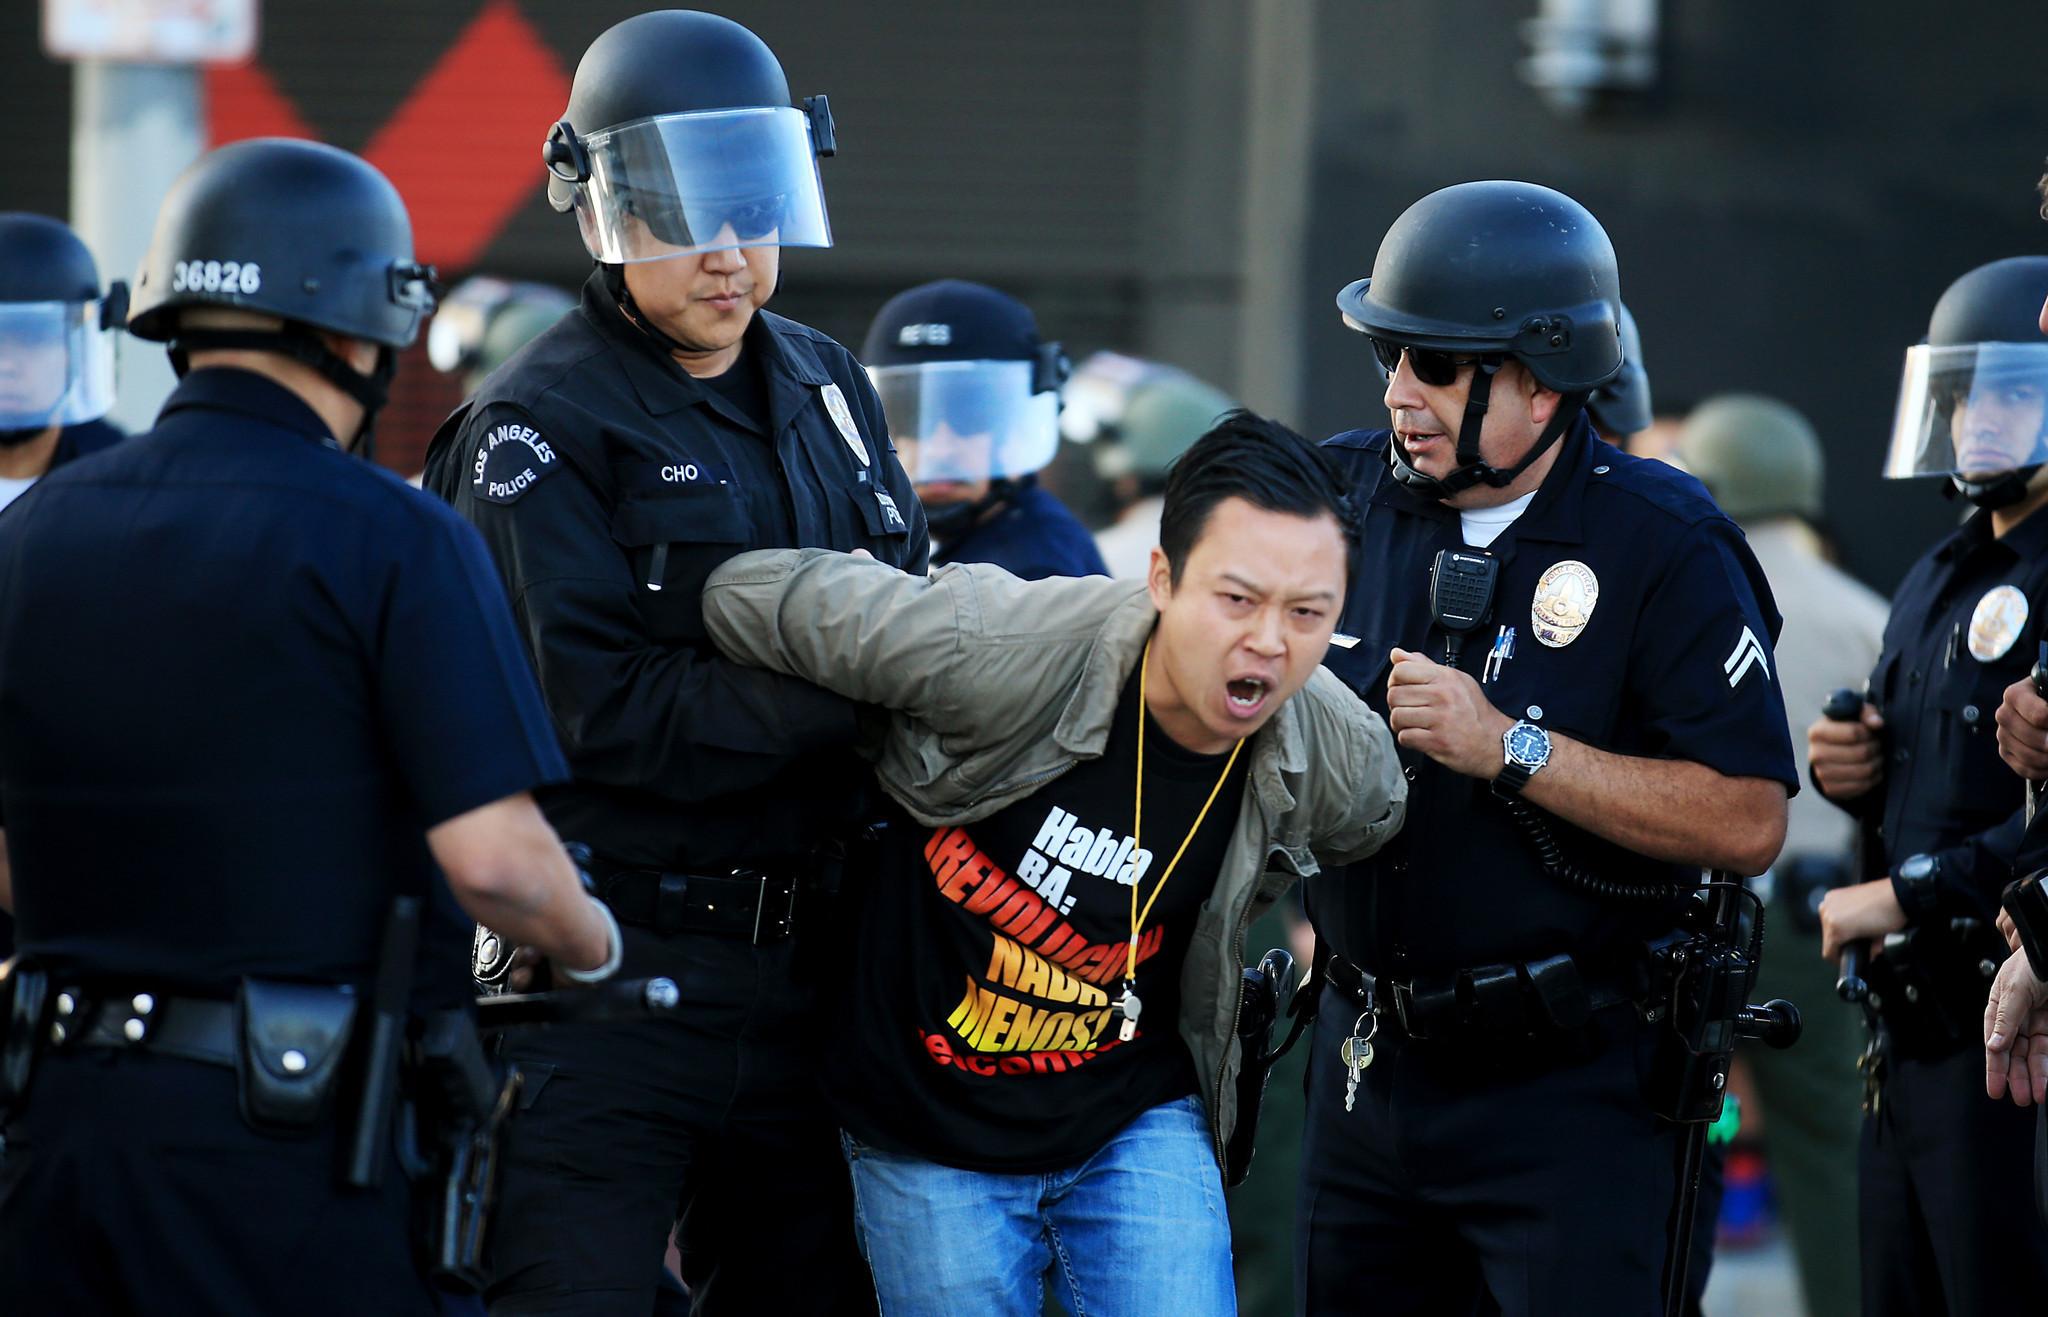 Man arrested for allegedly battering police, resisting